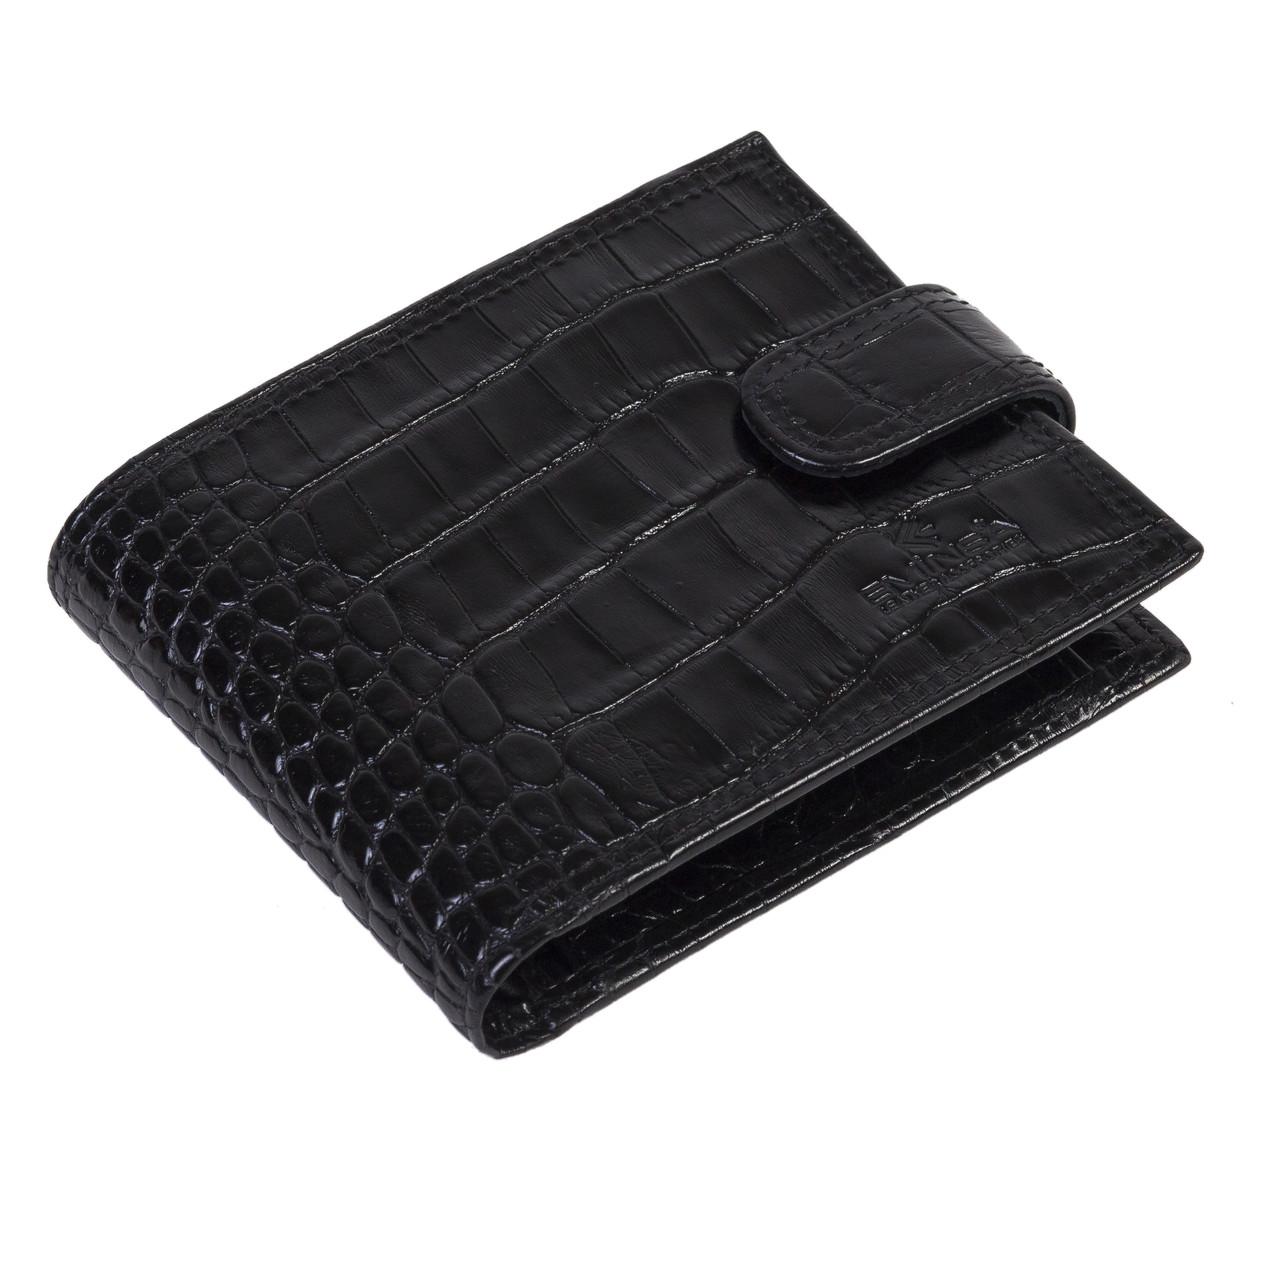 Мужское портмоне Eminsa 1043-4-1 кожаное черное